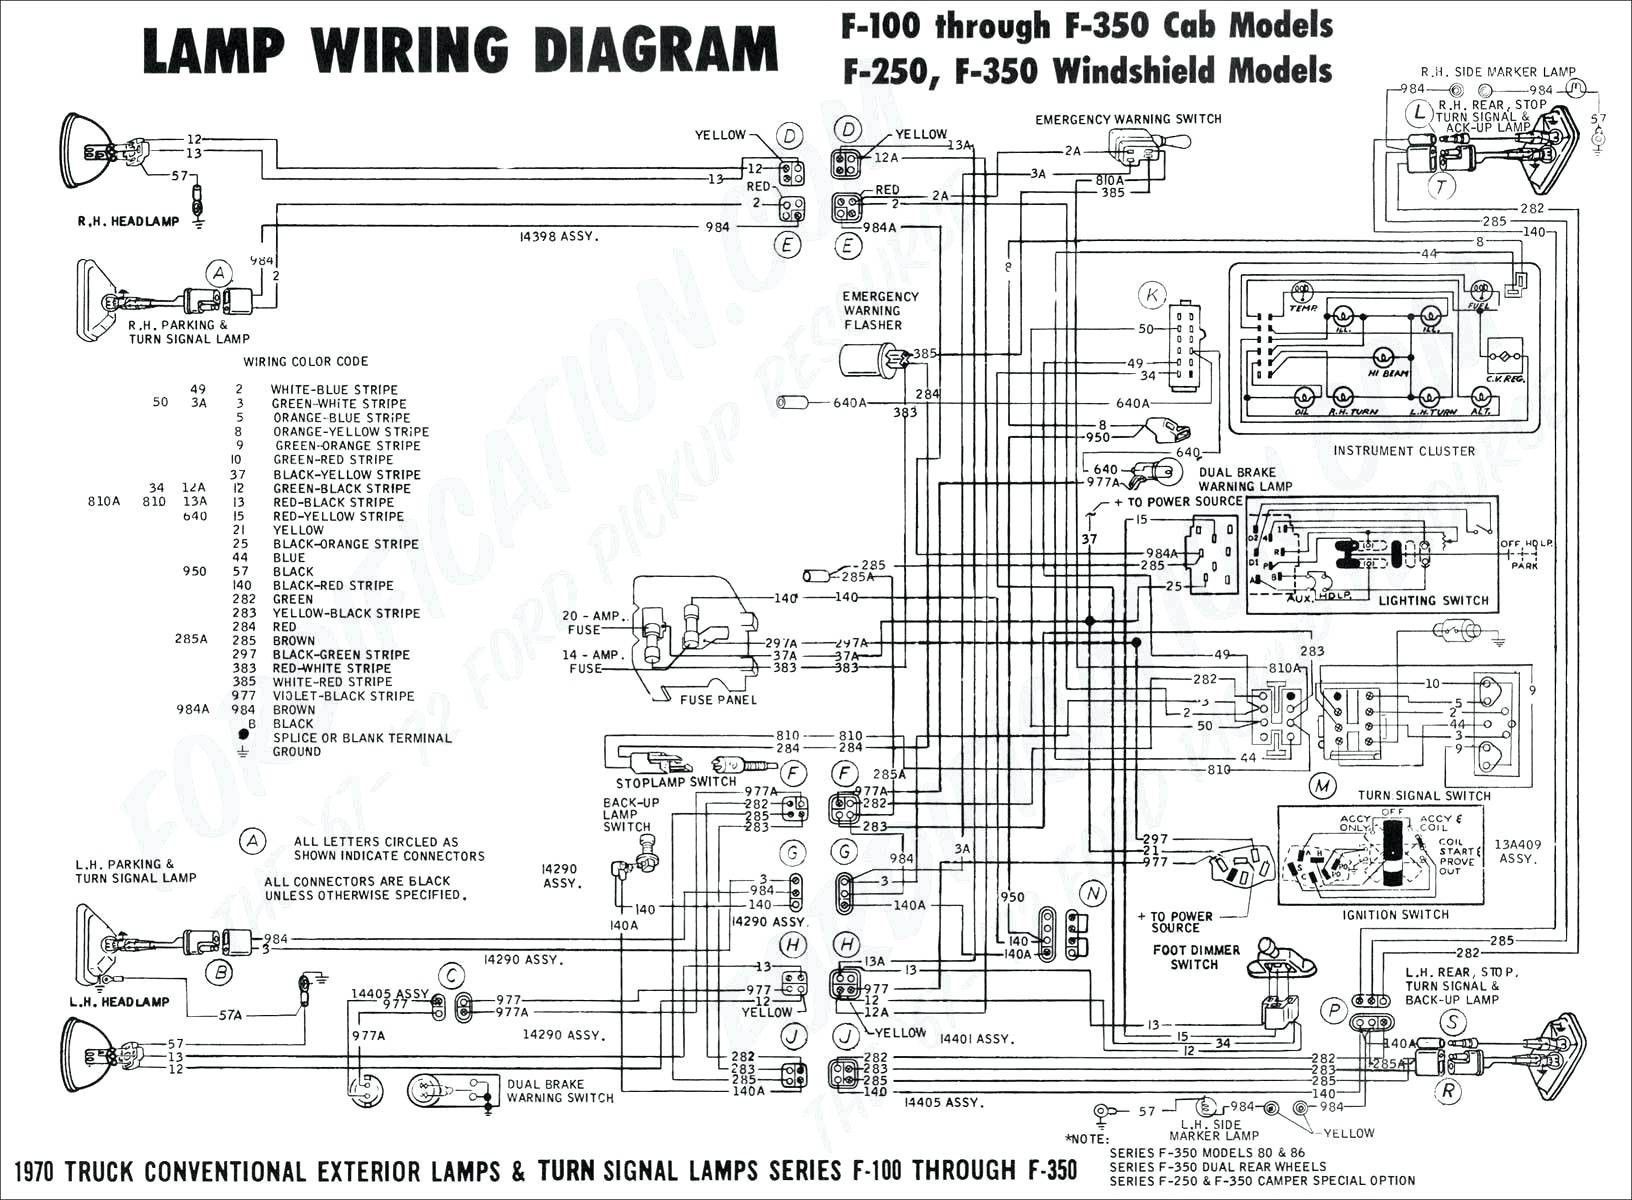 Inspirational Yamaha Banshee Wiring Diagram In 2020 Electrical Wiring Diagram Diagram Trailer Wiring Diagram